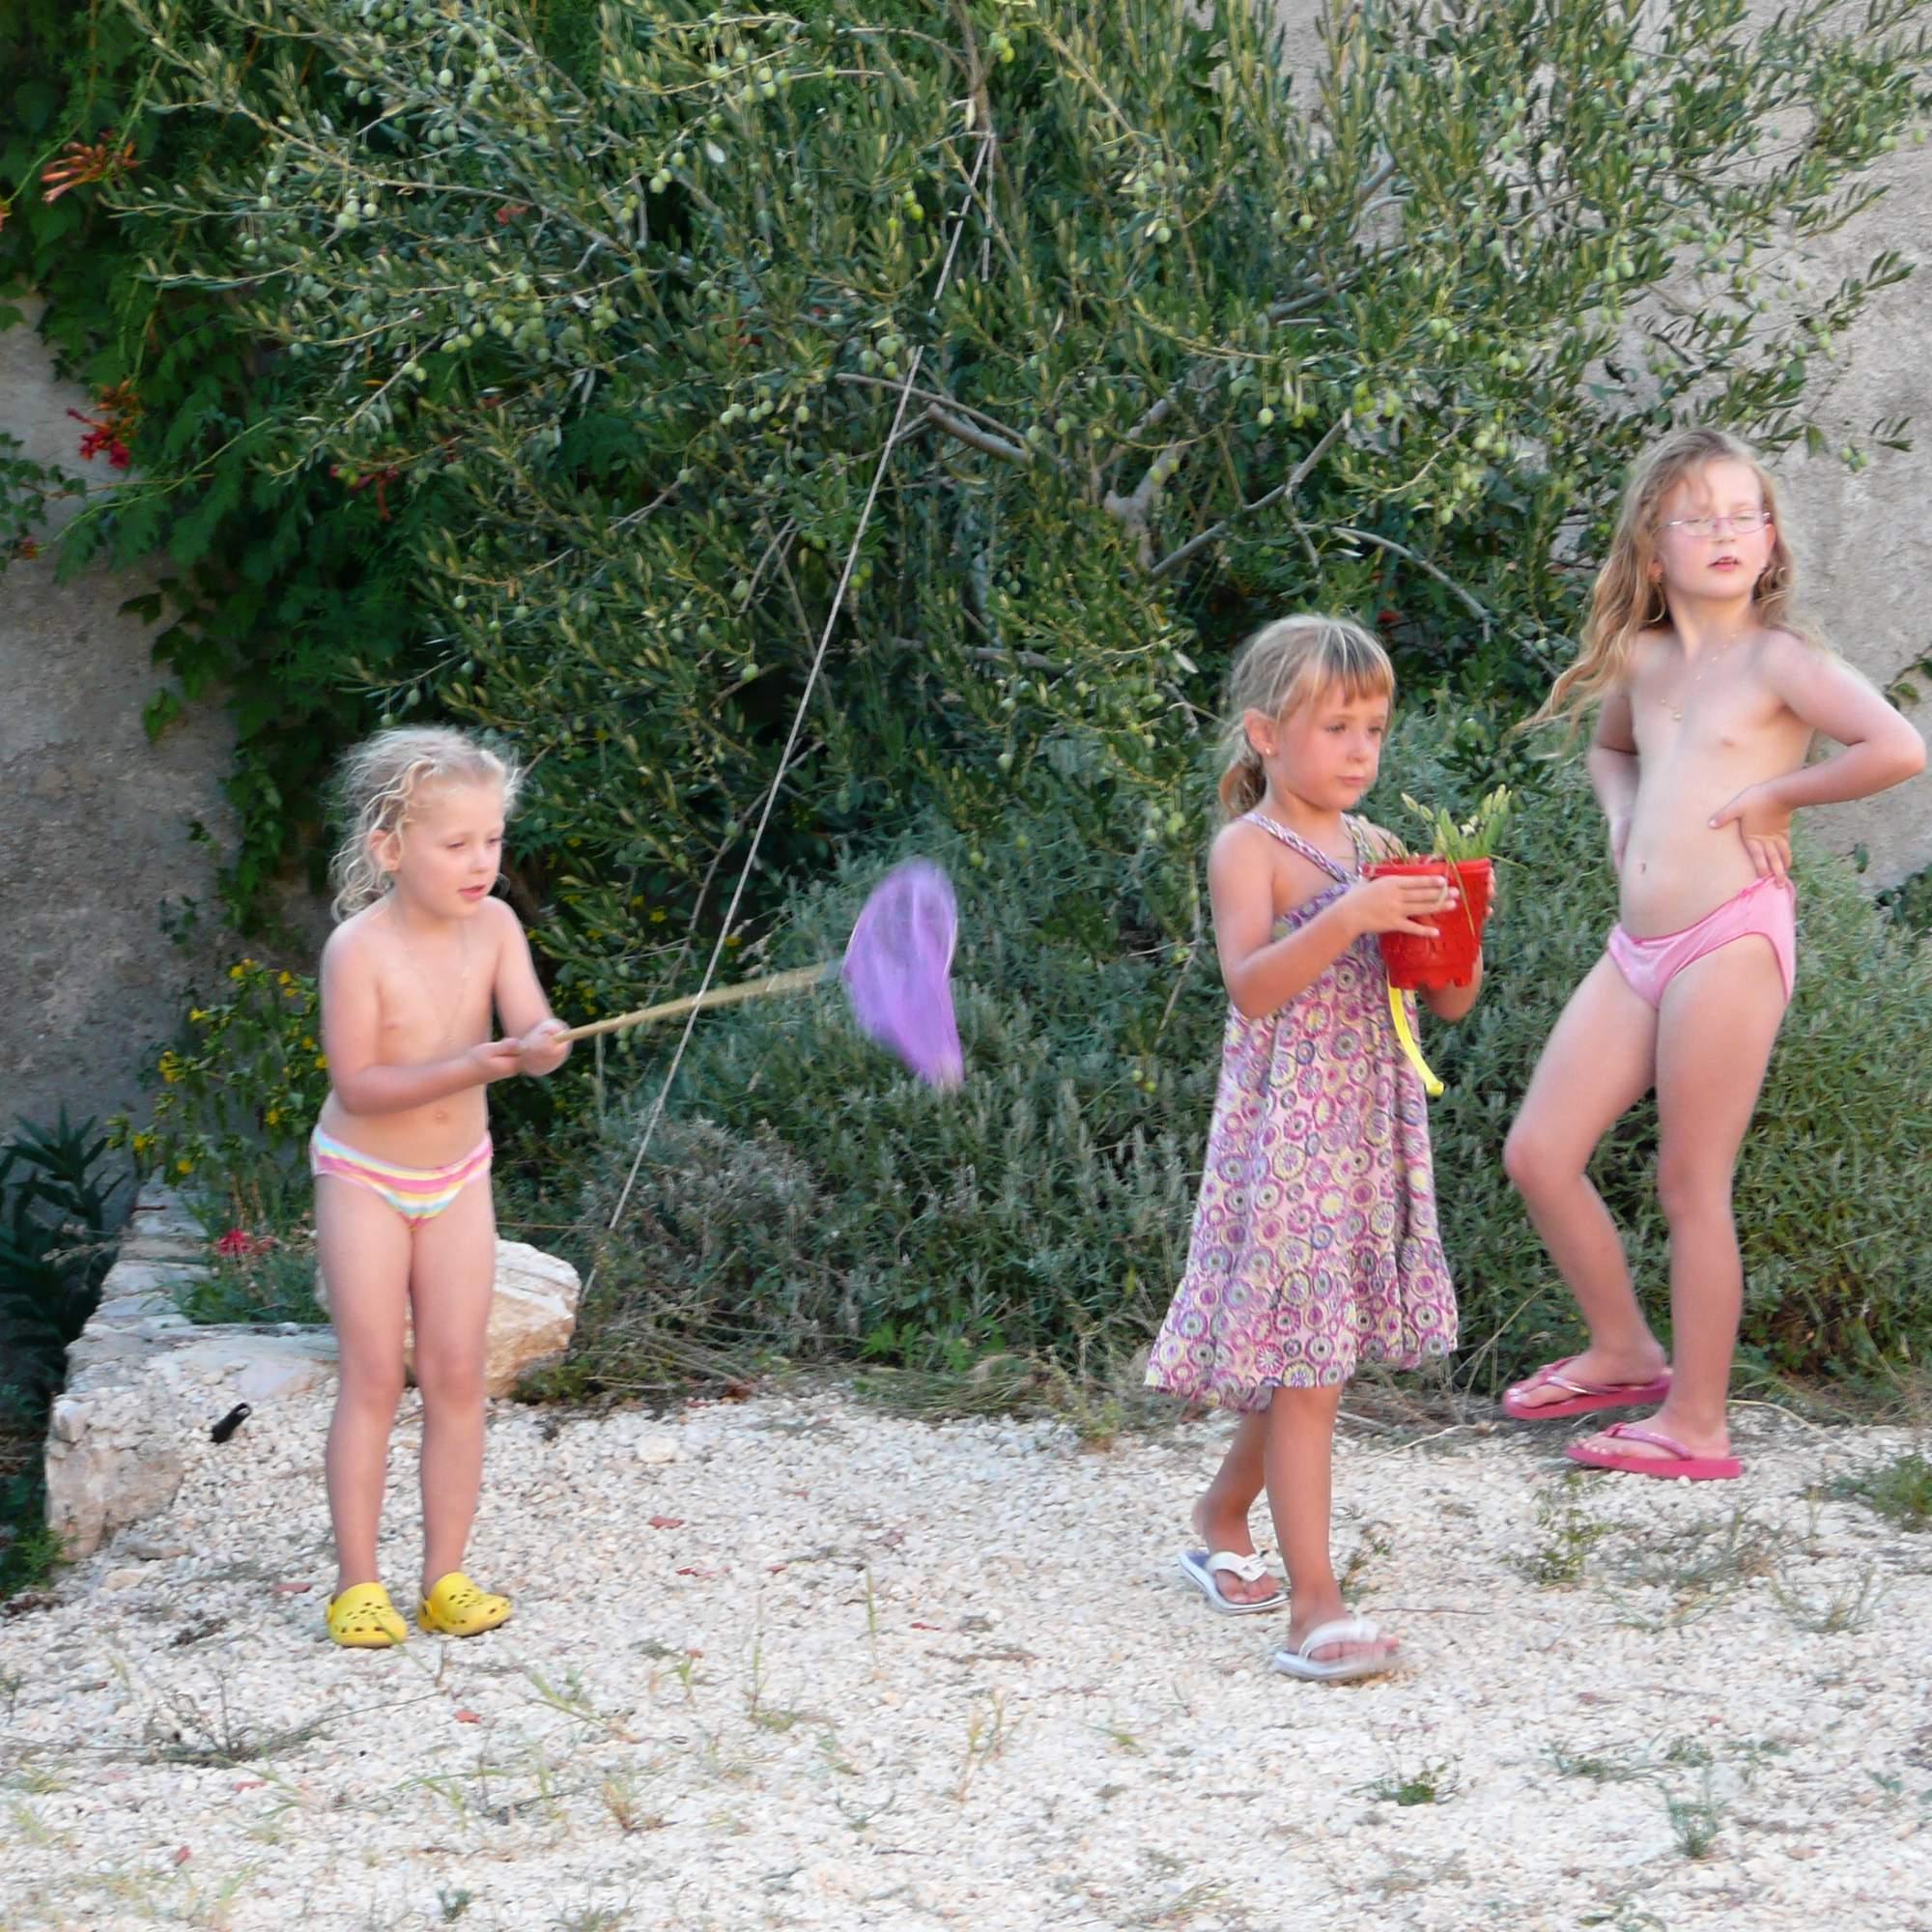 rajce cz naked clit rajce.idnes.cz  : http://rom.jpger.info